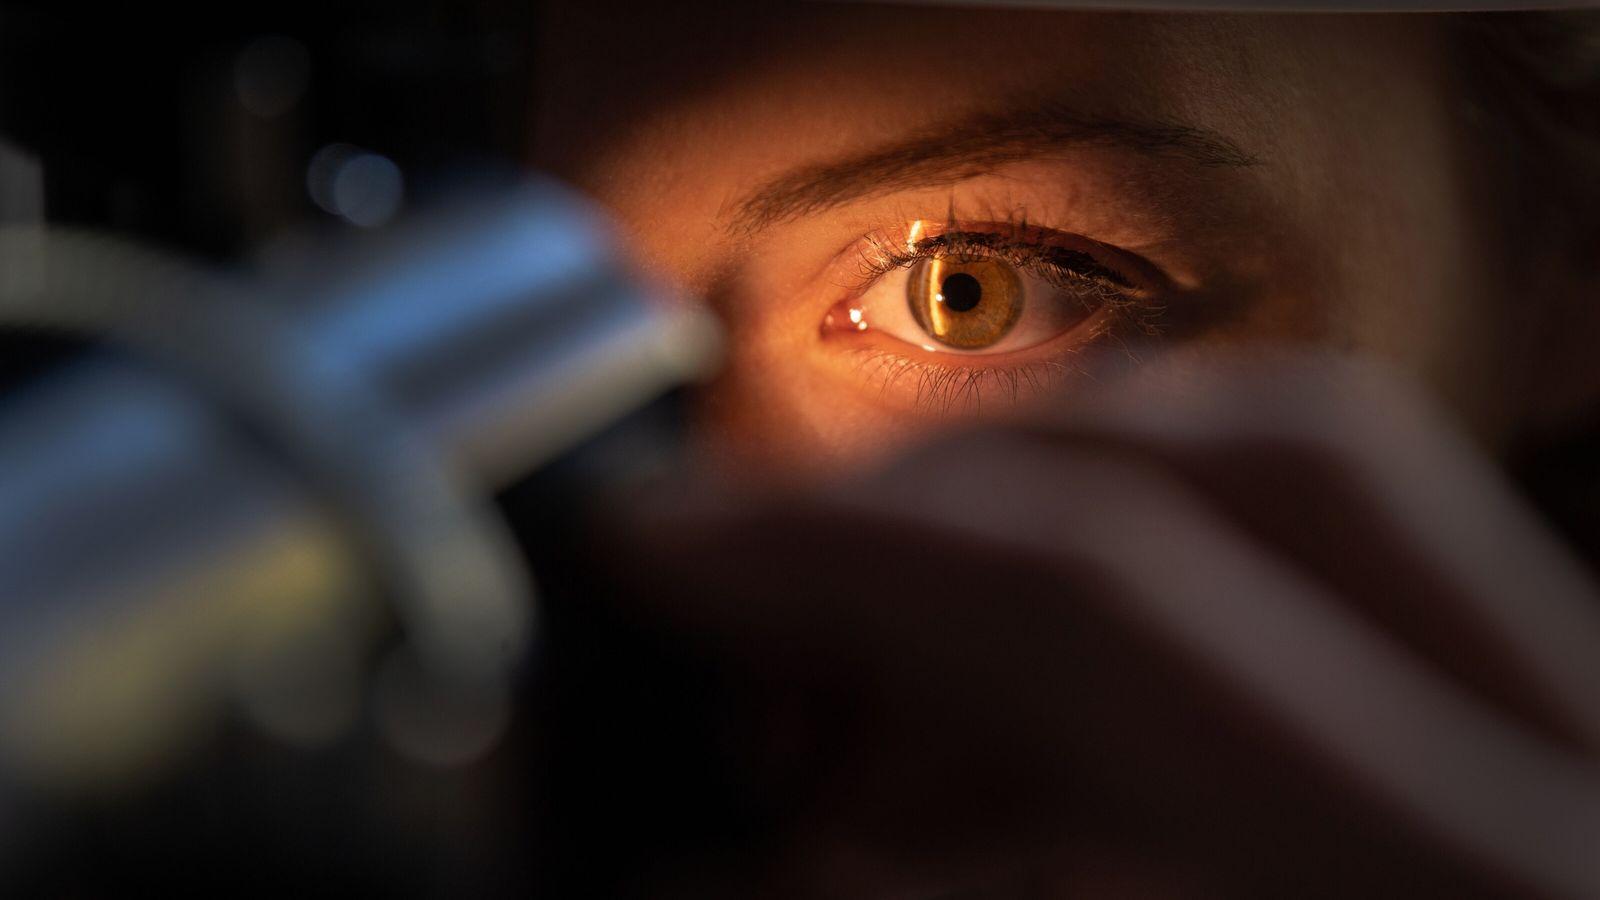 Un médecin examine l'œil d'un patient dans le land de Bade-Wurtemberg, en Allemagne. Les progrès accomplis ...